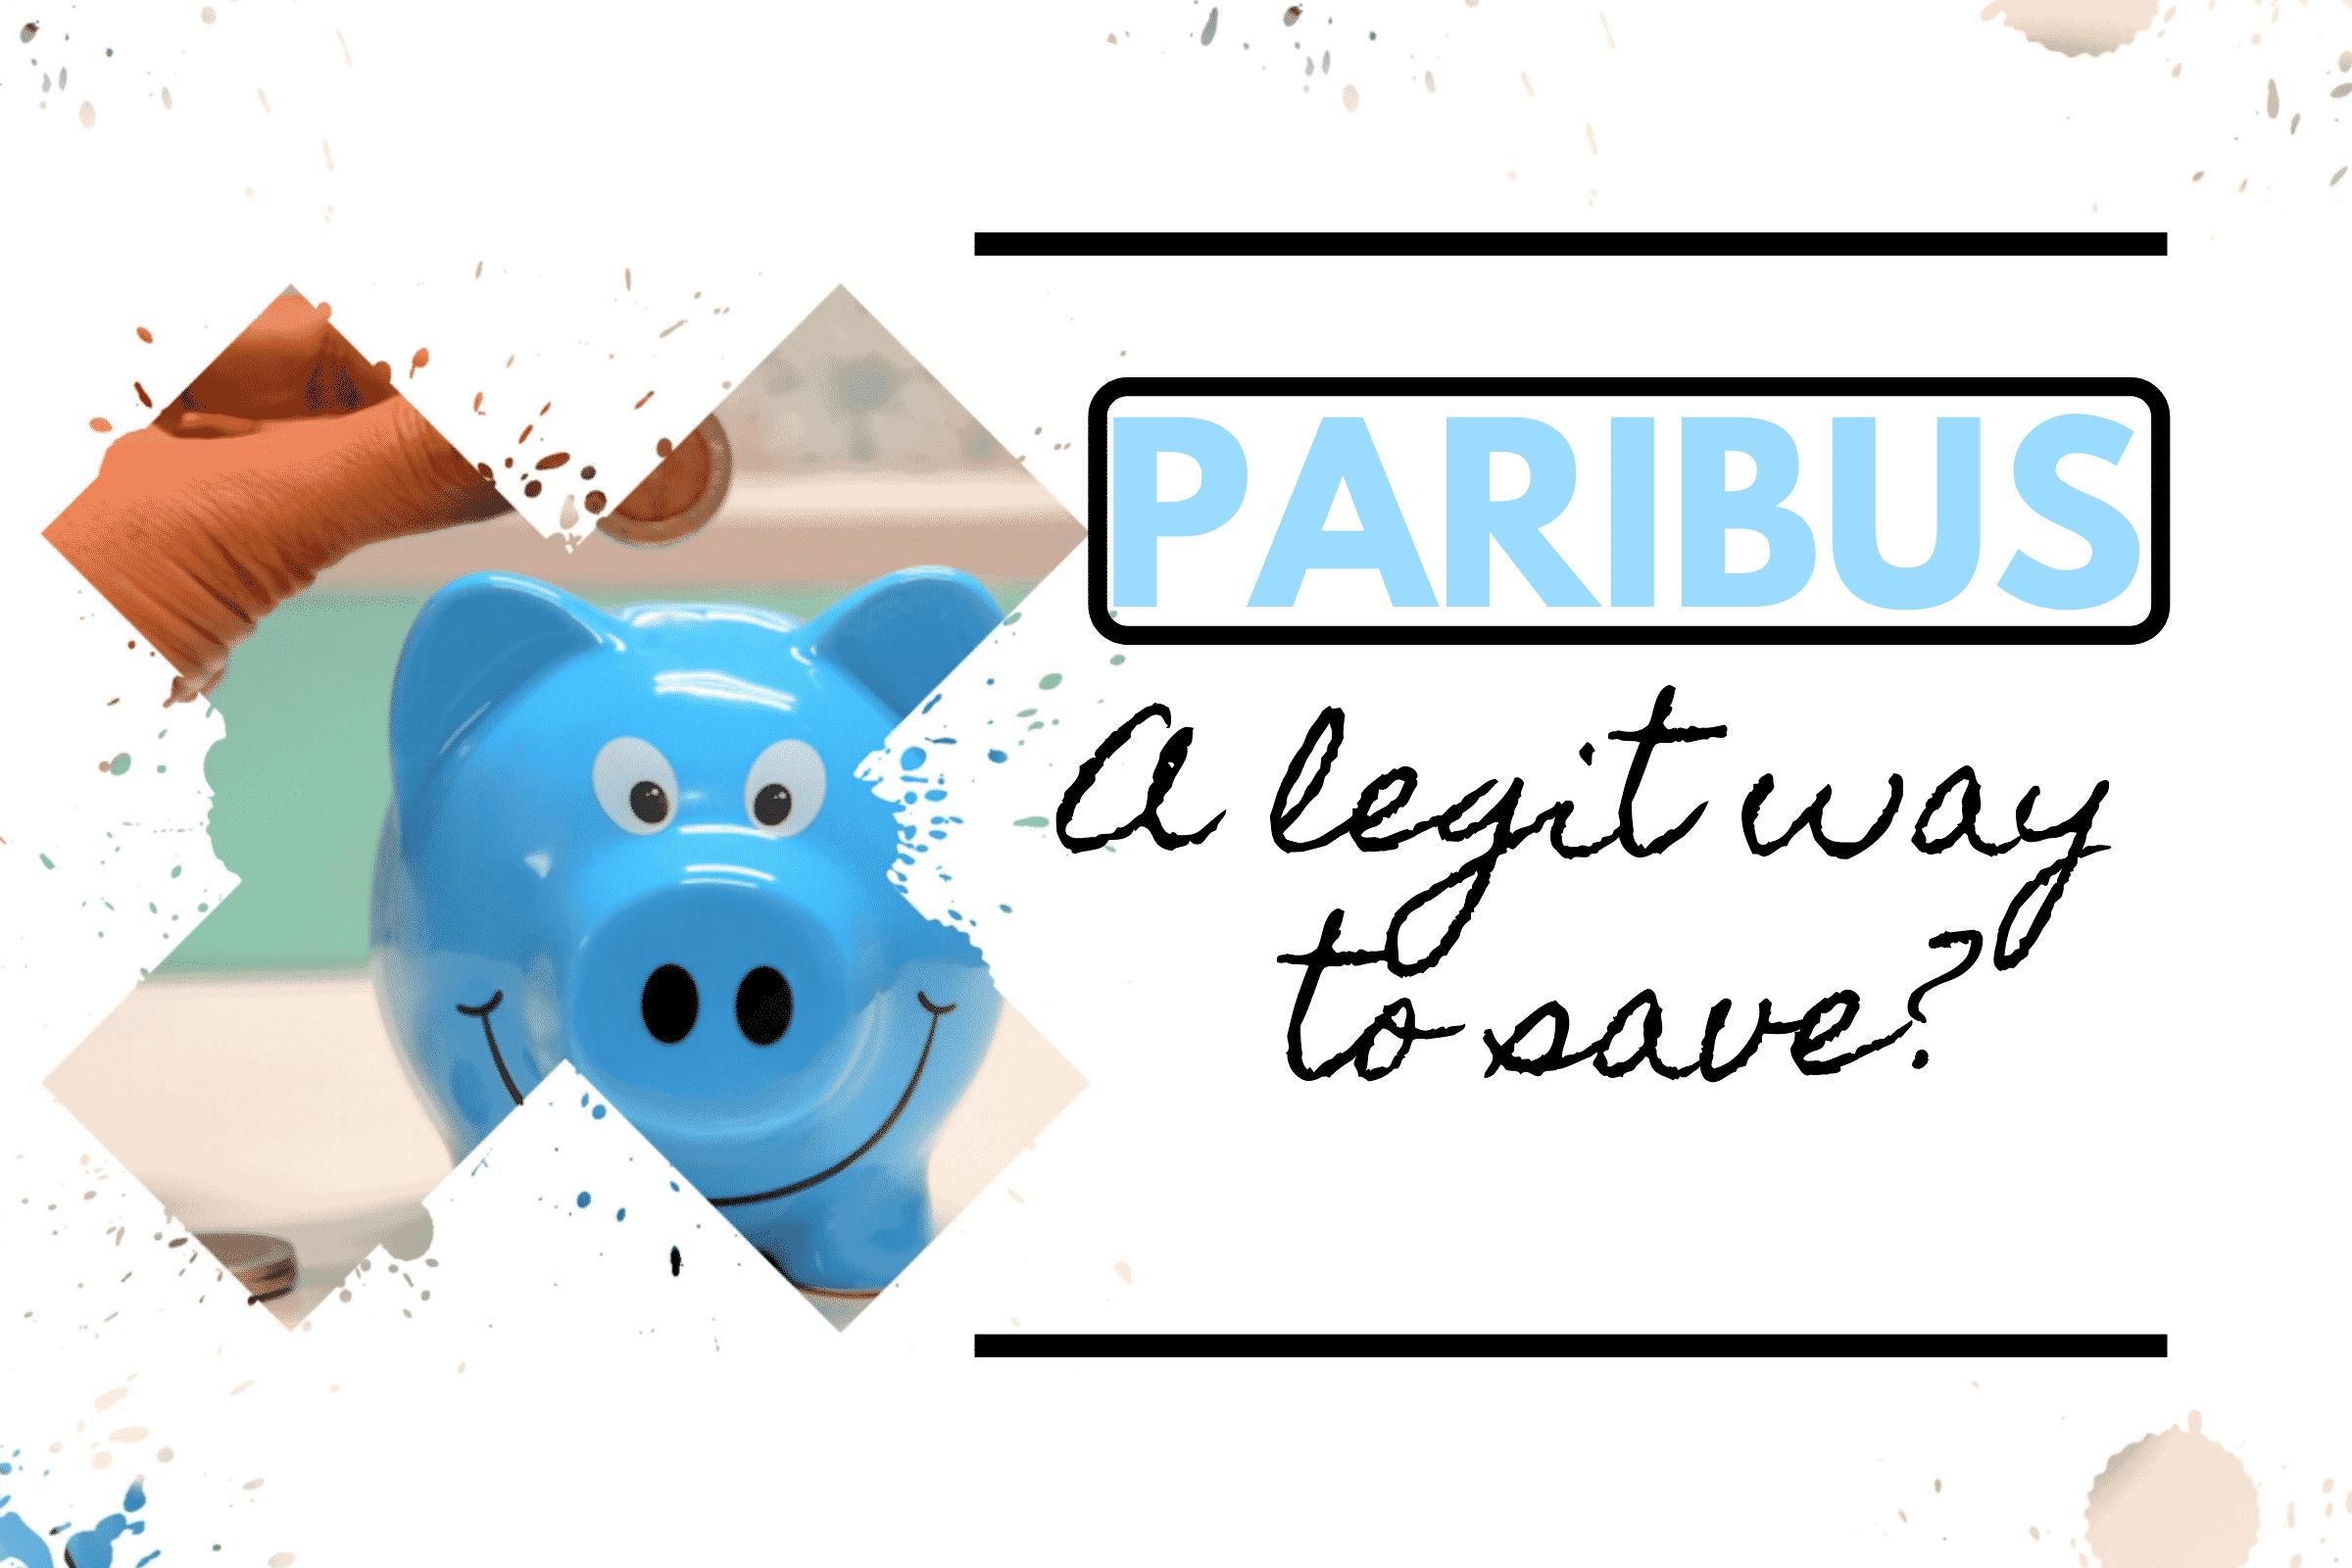 paribus - a legit way to save?